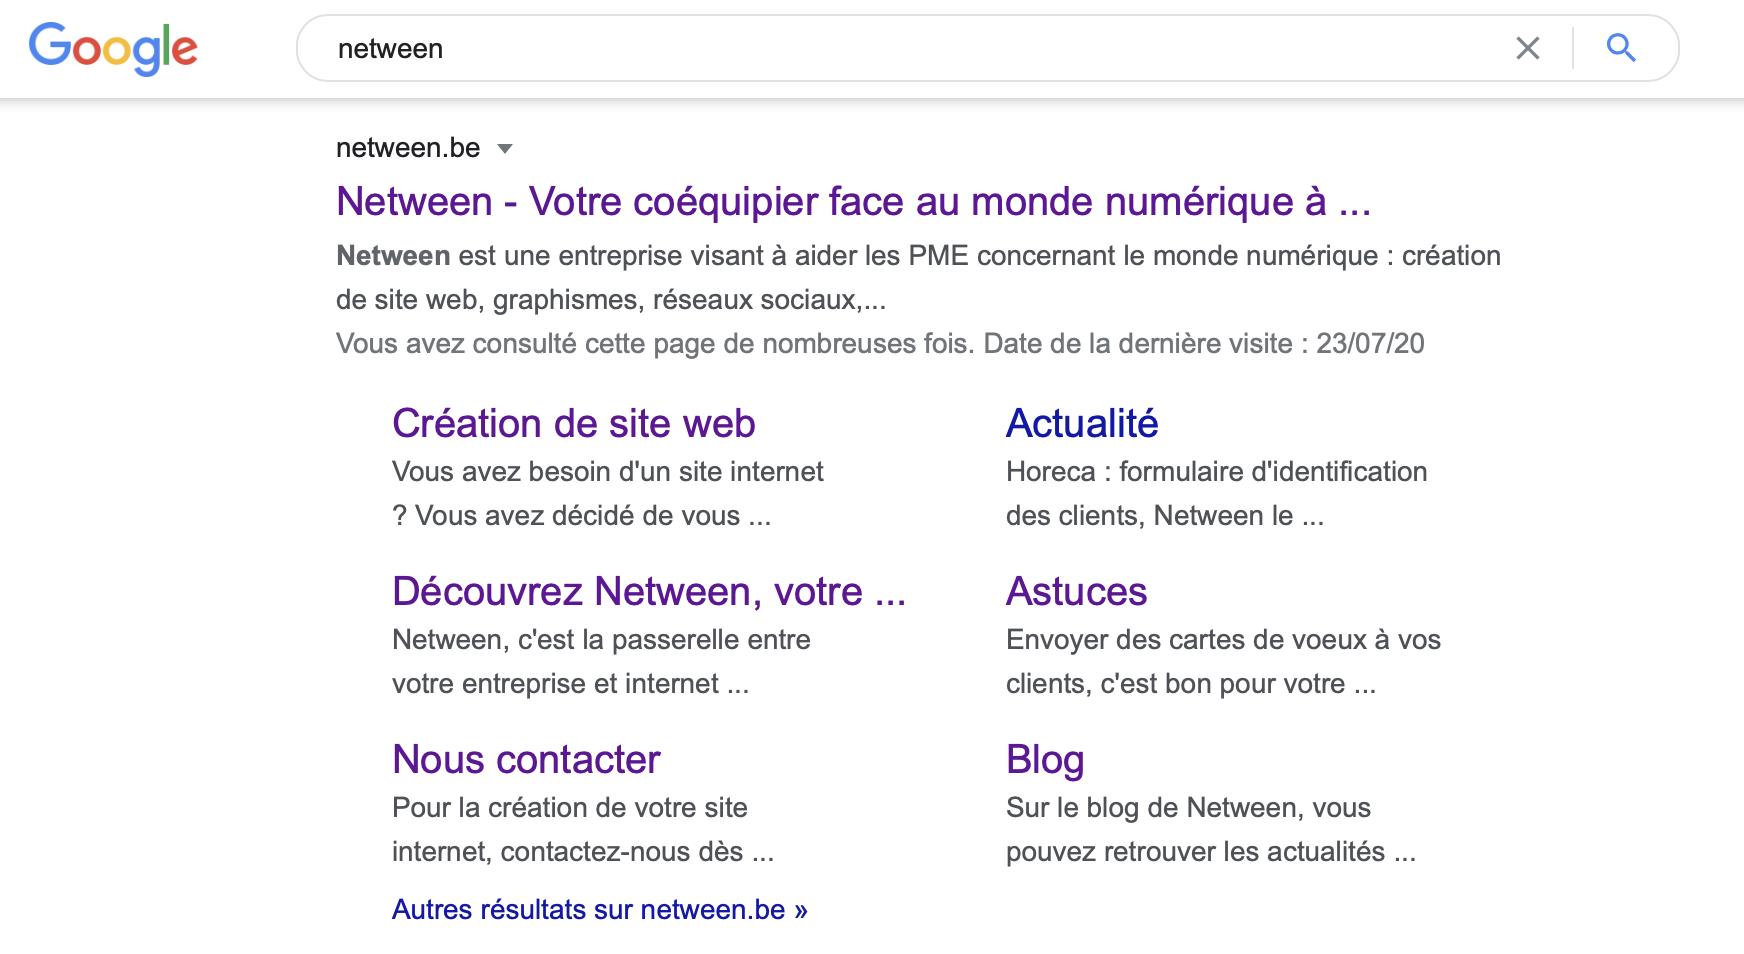 Netween dans la recherche google